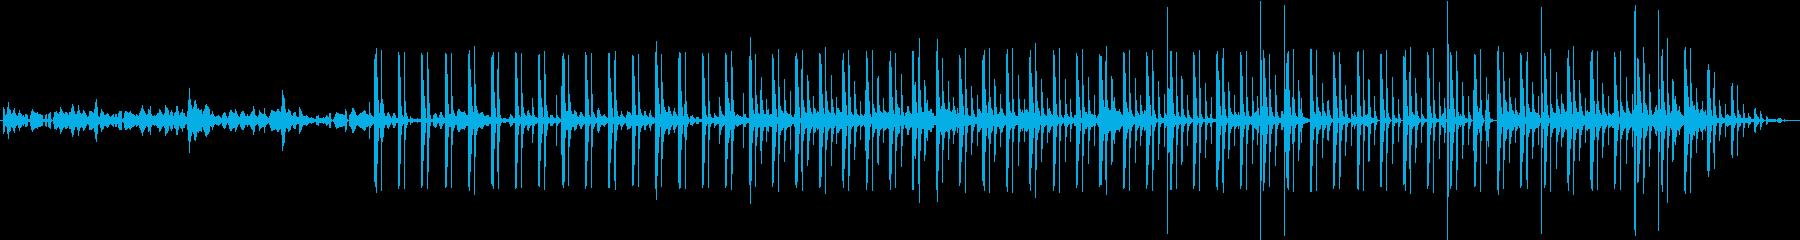 ポップ。歌。ロマンス80年代。パワ...の再生済みの波形